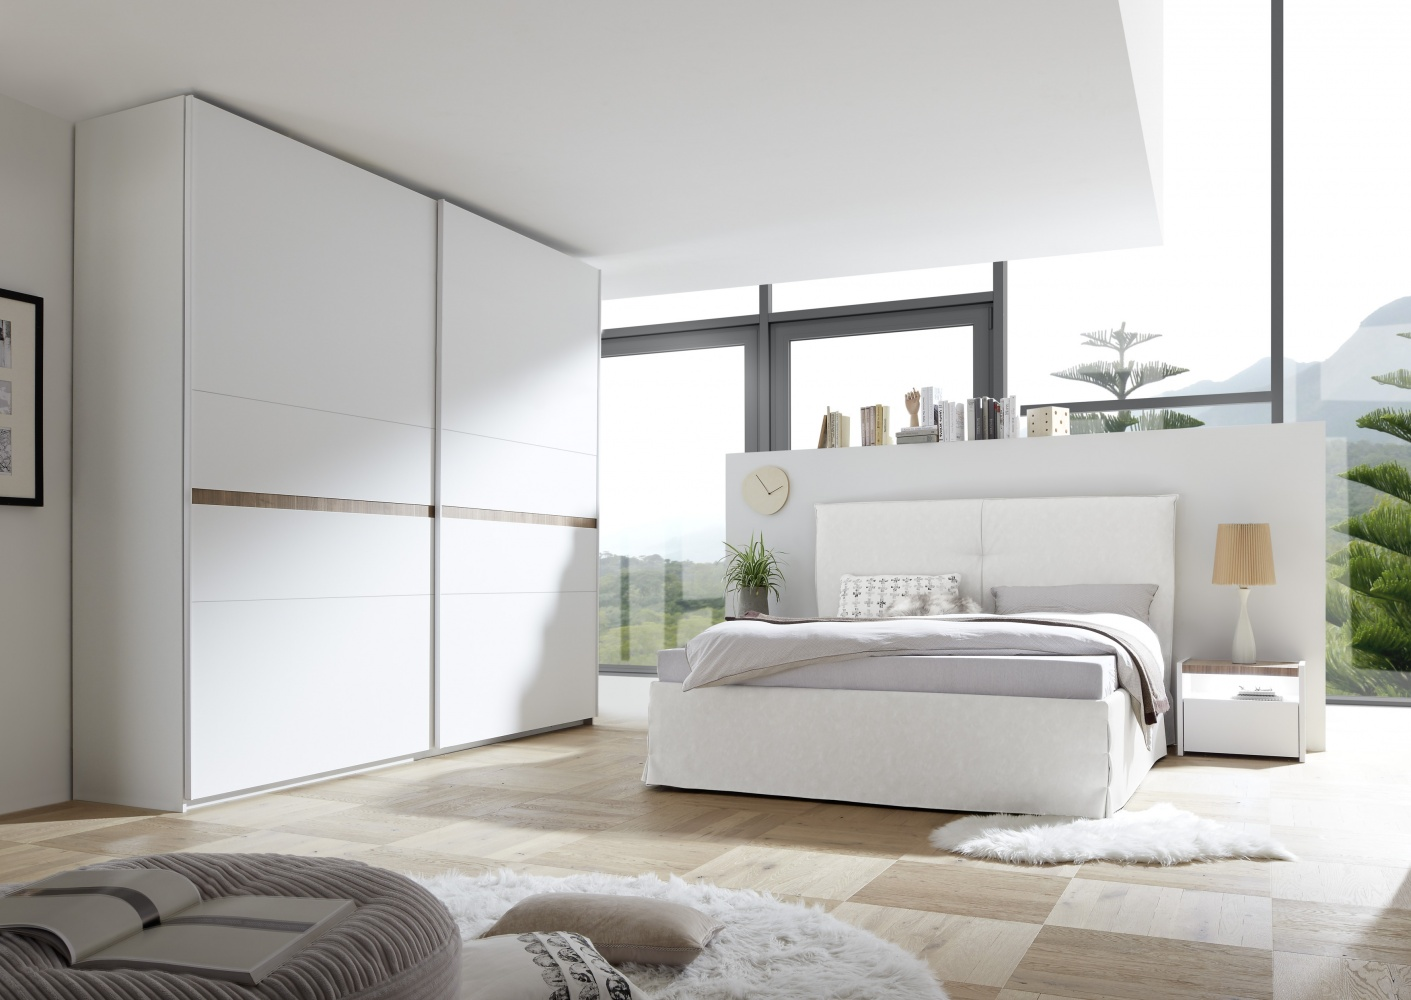 Full Size of 5de70825f3d47 Bett 90x200 Weiß Wandtattoos Schlafzimmer Luxus Weißes Komplett Günstig Hängeschrank Hochglanz Wohnzimmer Deckenleuchten Regal Holz Schlafzimmer Schlafzimmer Set Weiß